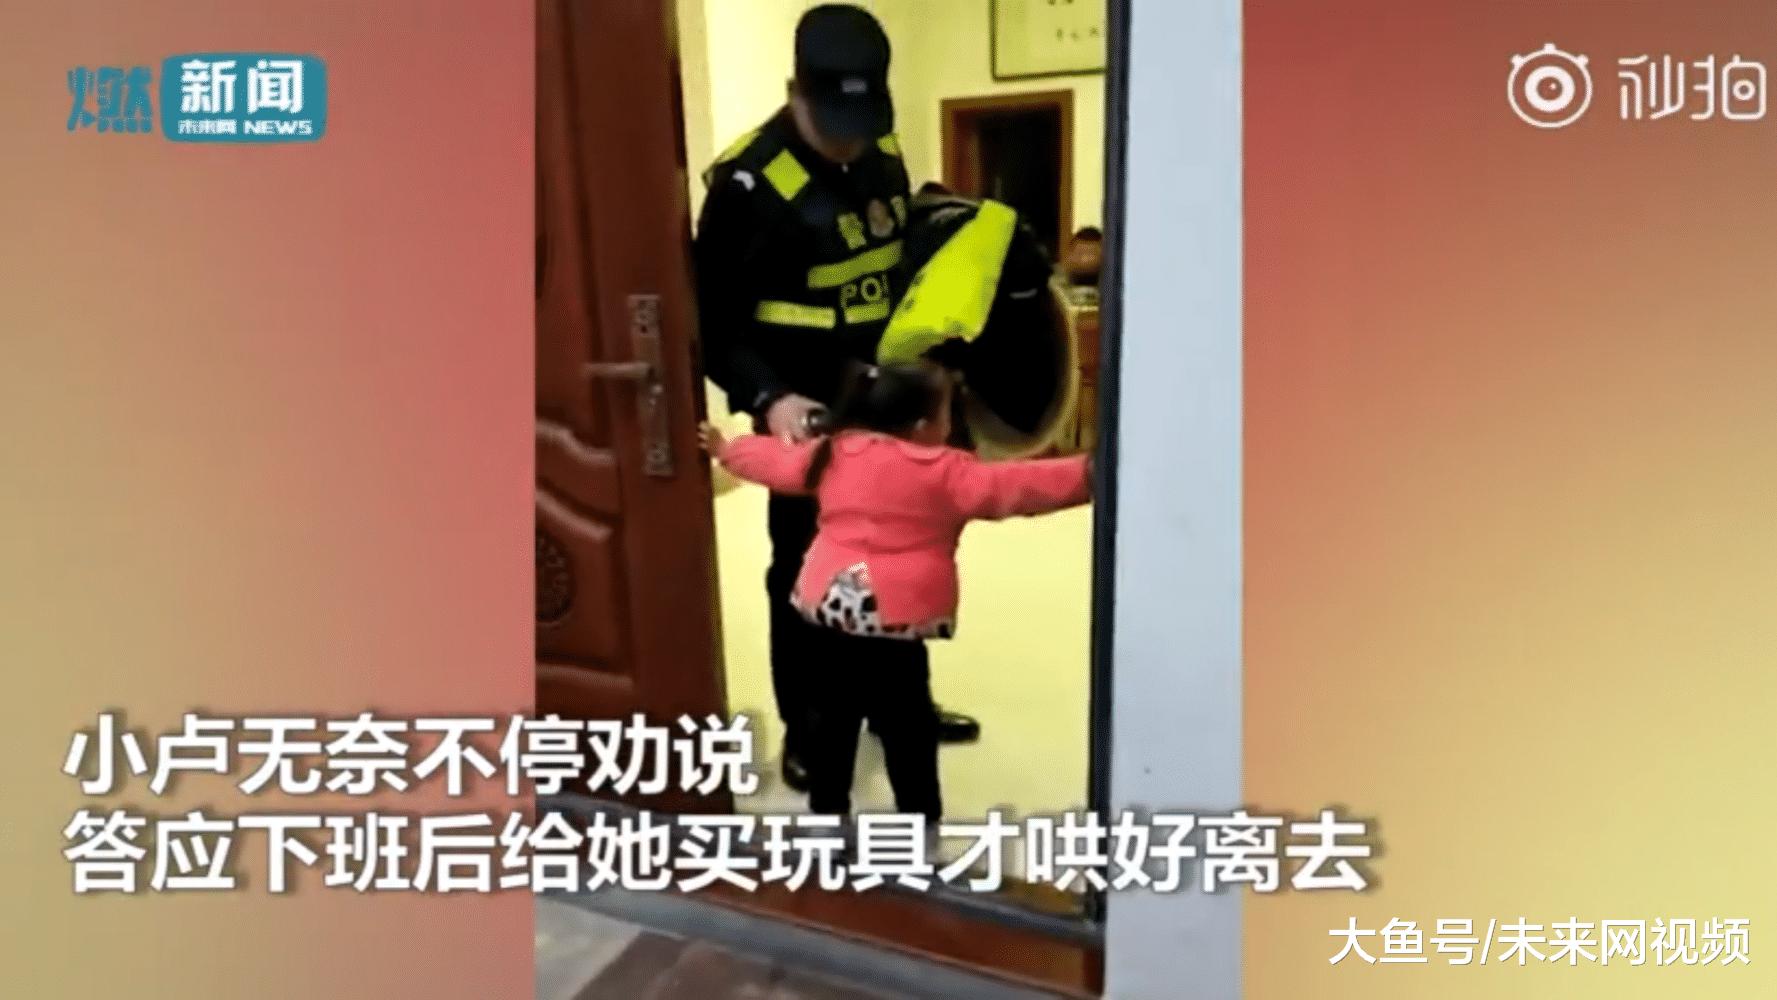 爸爸别走!平易近警元宵节出门执勤 女儿小脚紧抓门框拦在门心不放止